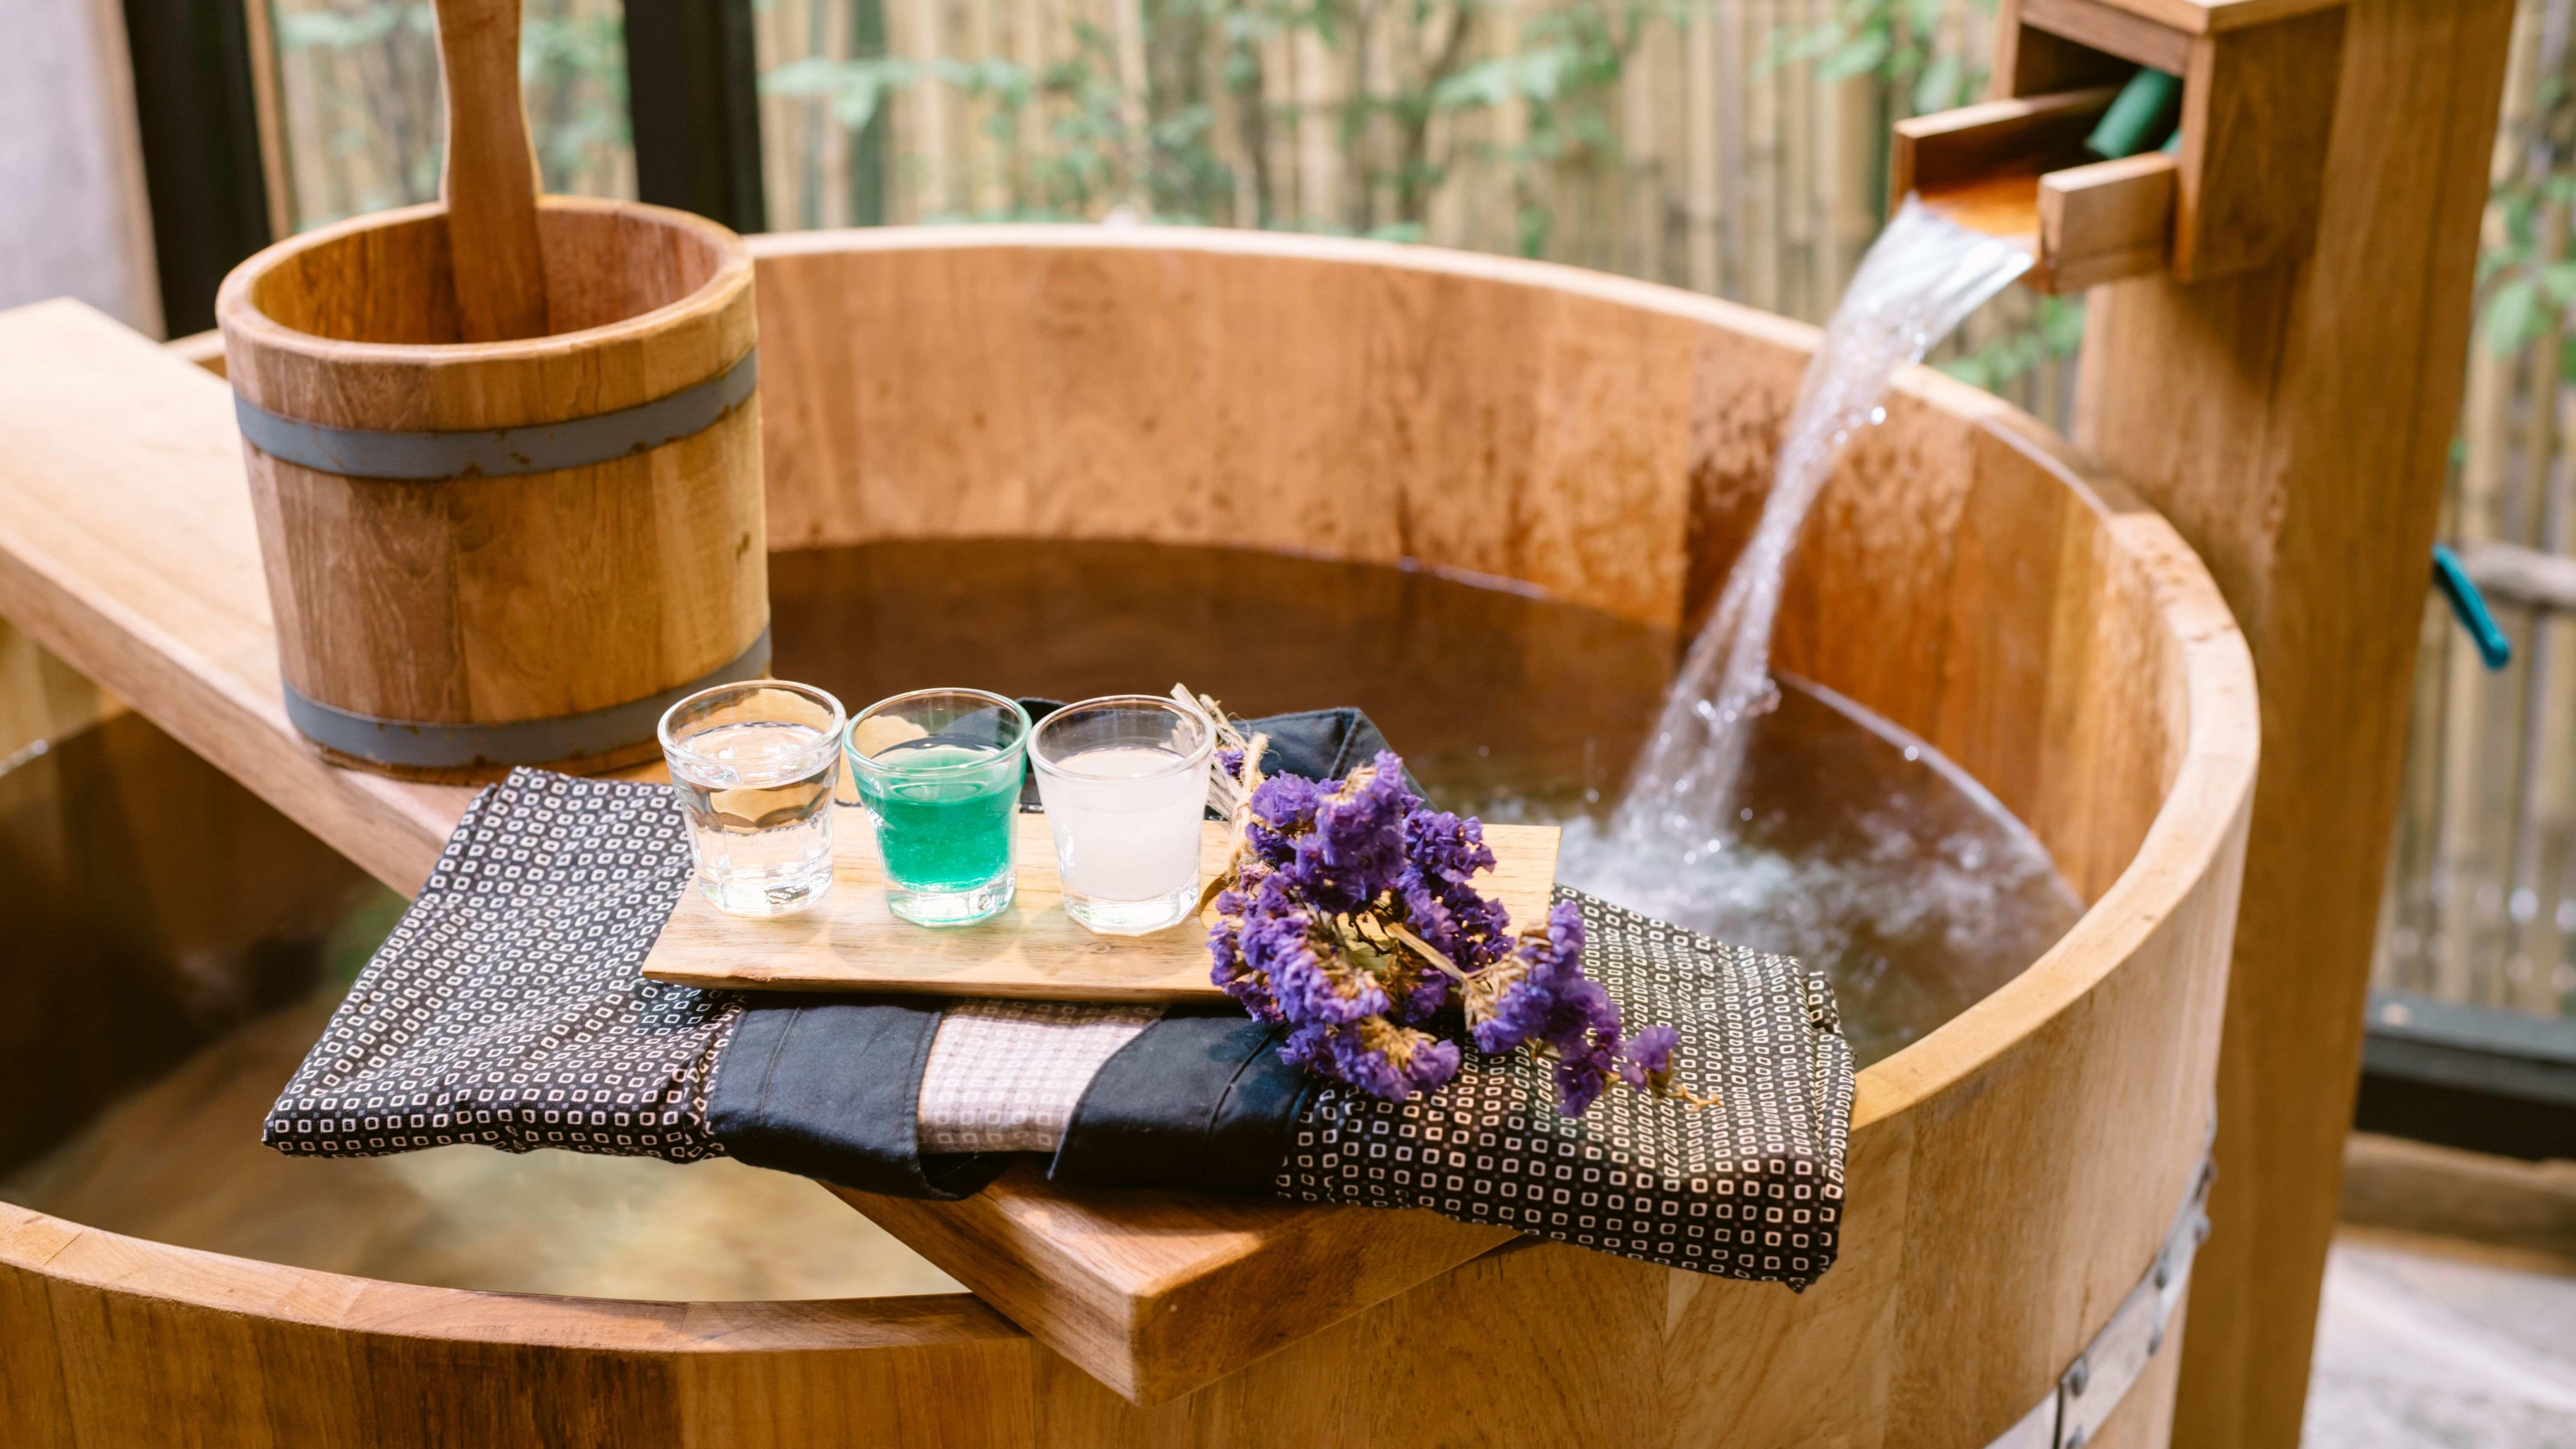 Salle de bains à la japonaise : entre pureté et fleurs de cerisier